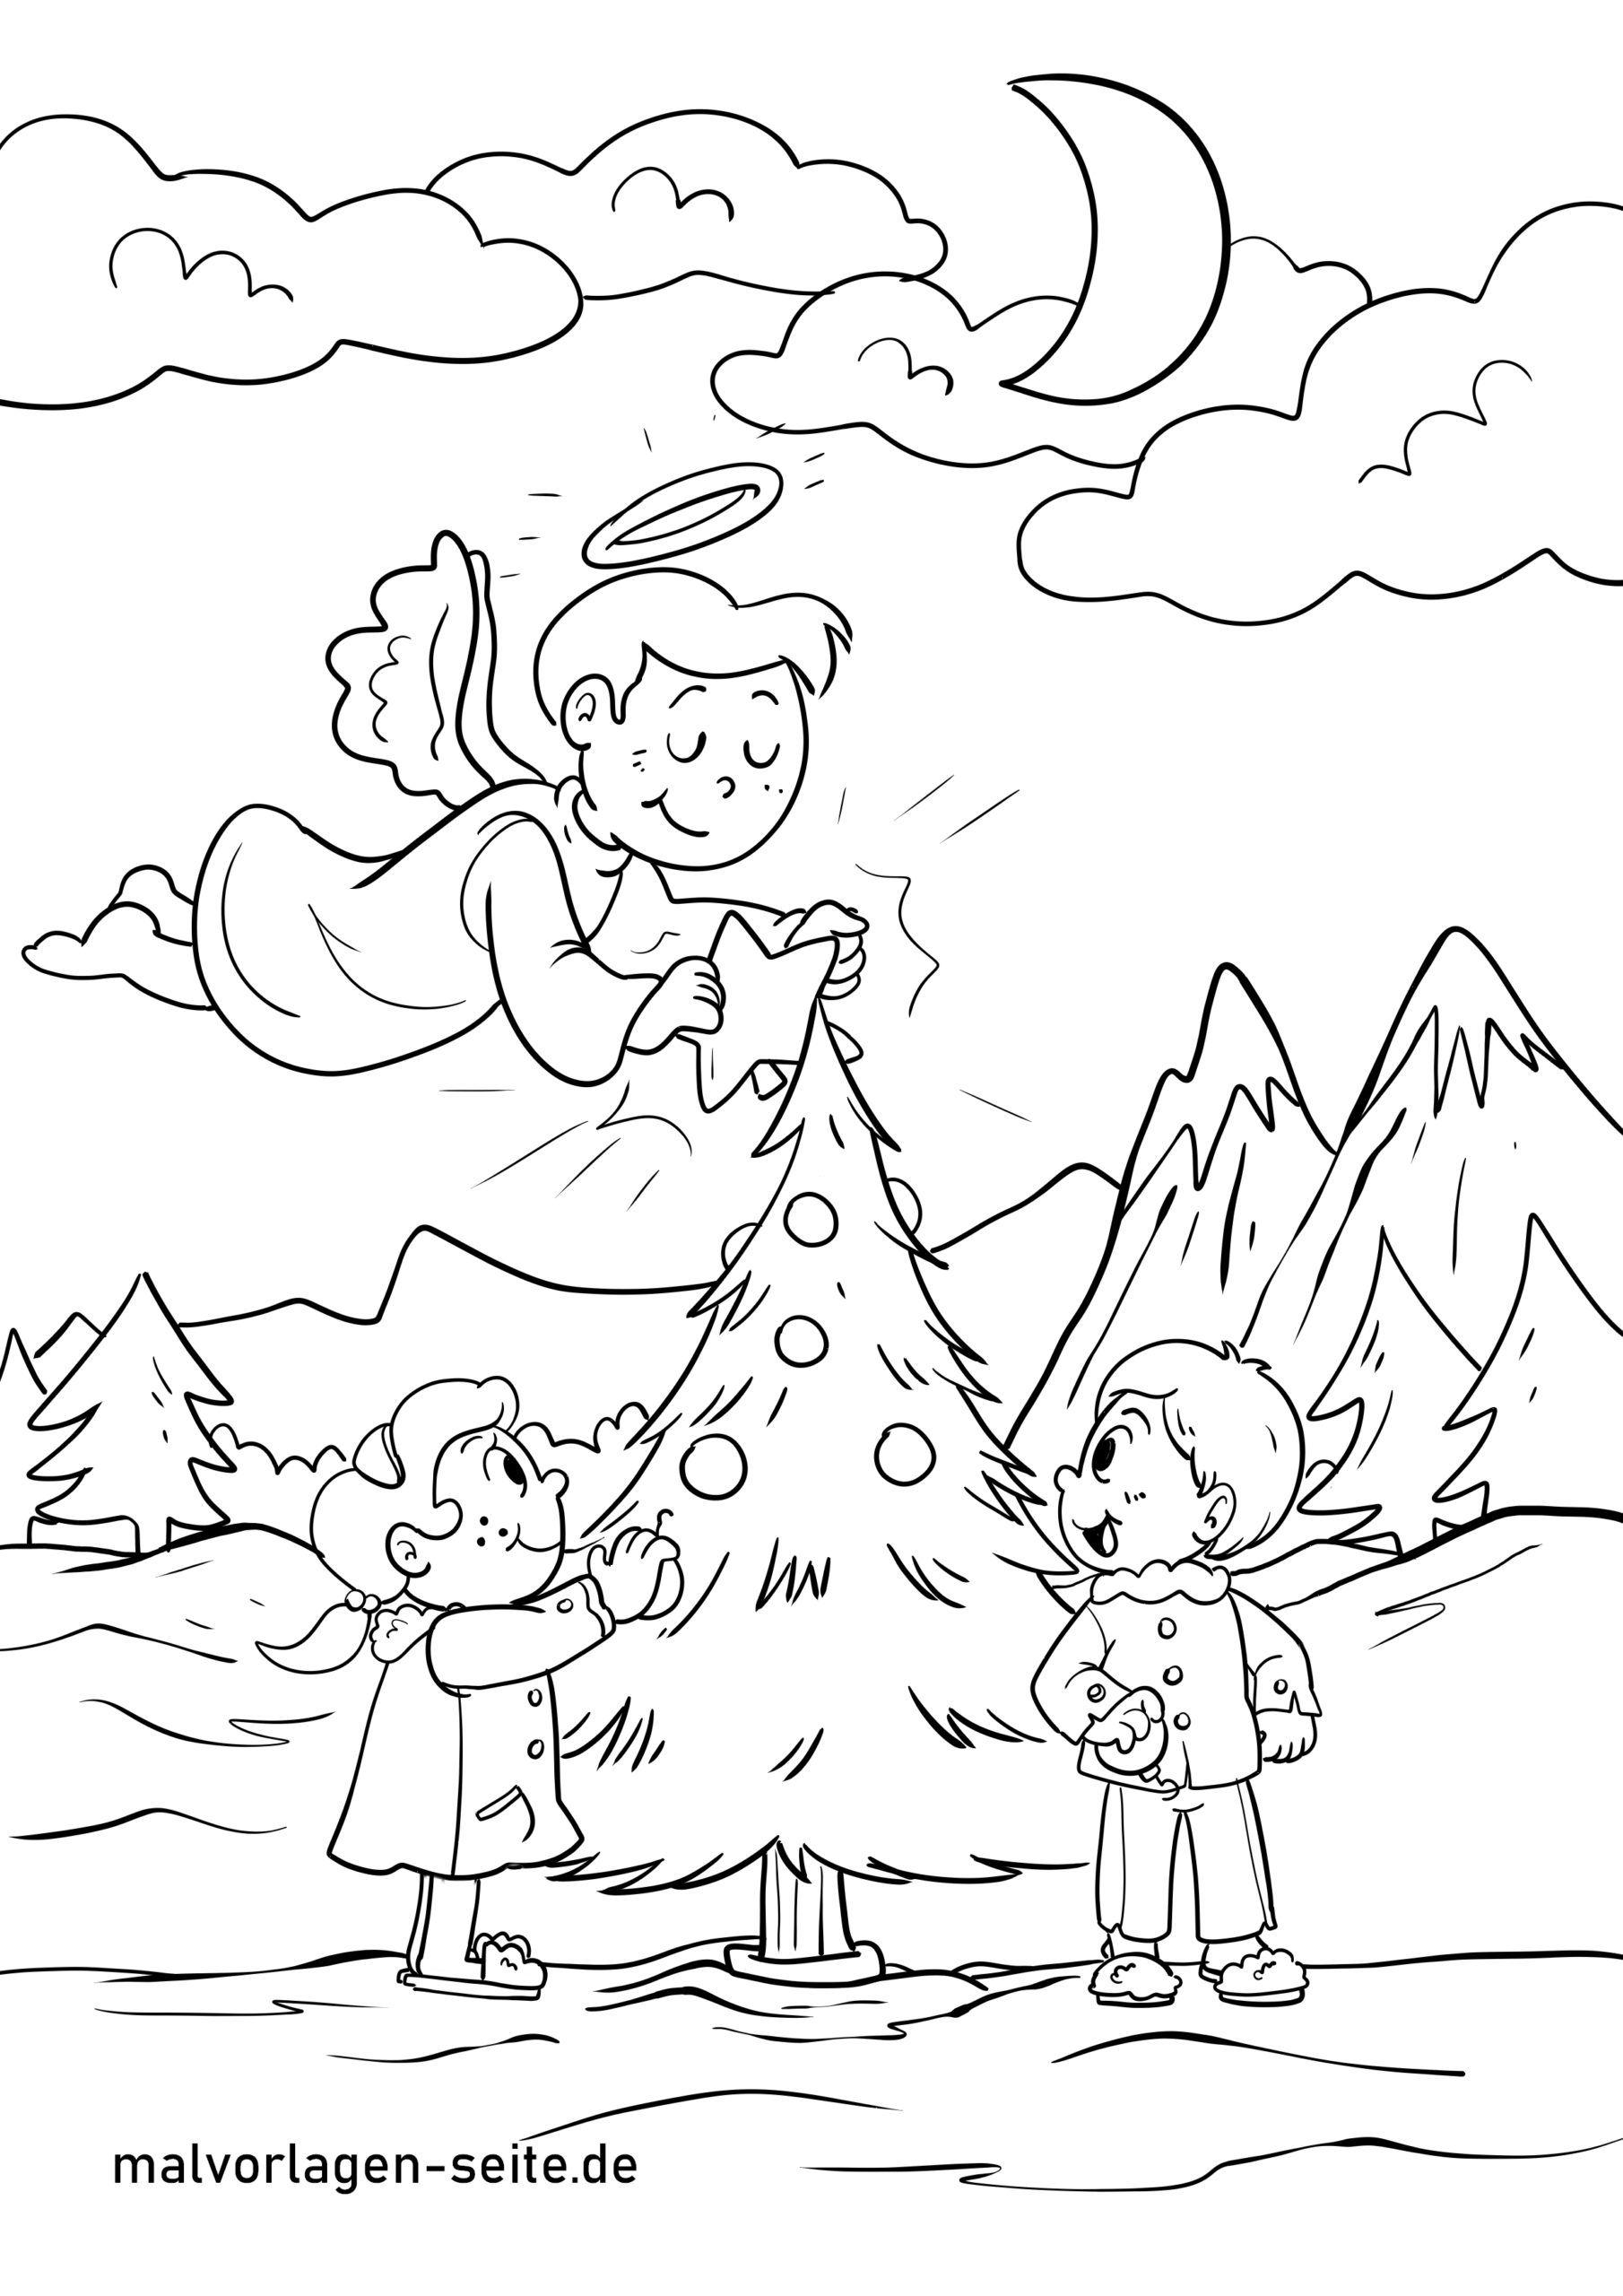 Malvorlage Christkind  Weihnachten - Kostenlose Ausmalbilder